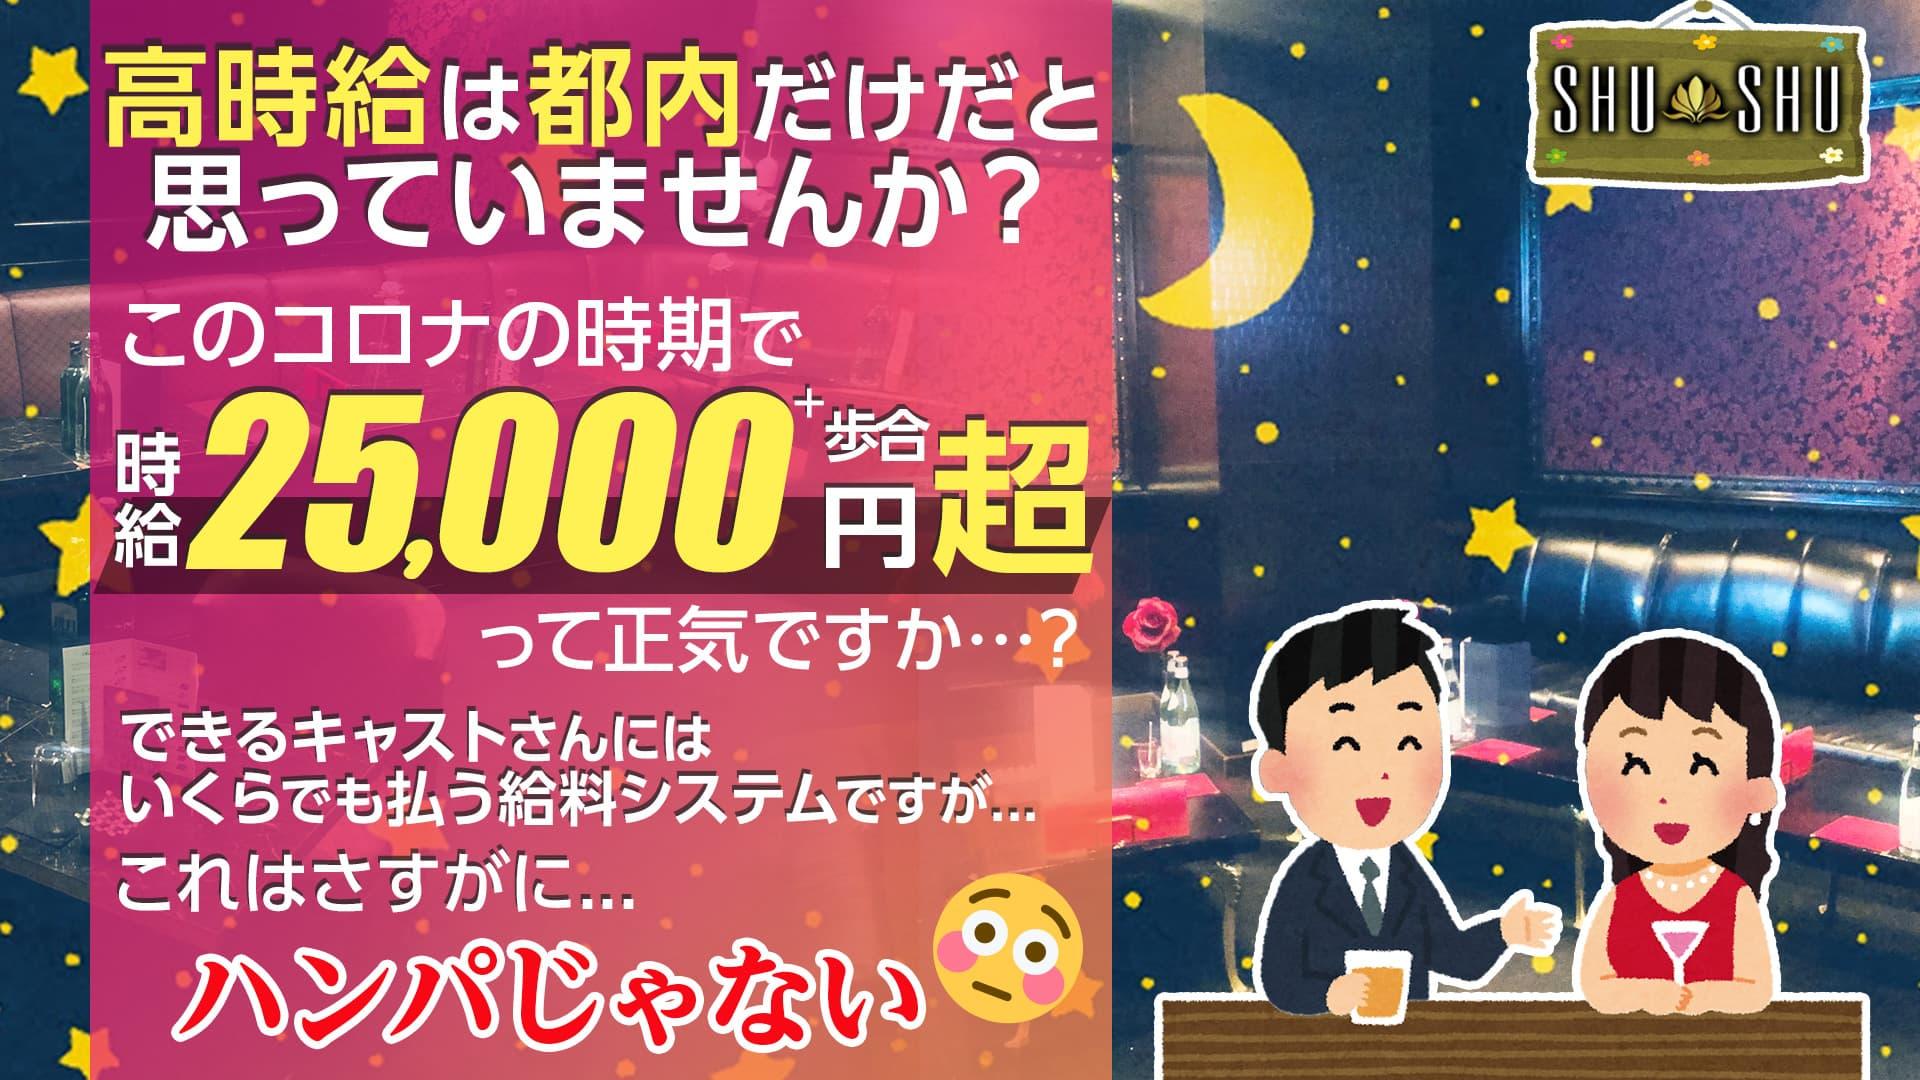 【津田沼】SHU-SHU(シュシュ)【公式求人・体入情報】 西船橋キャバクラ TOP画像